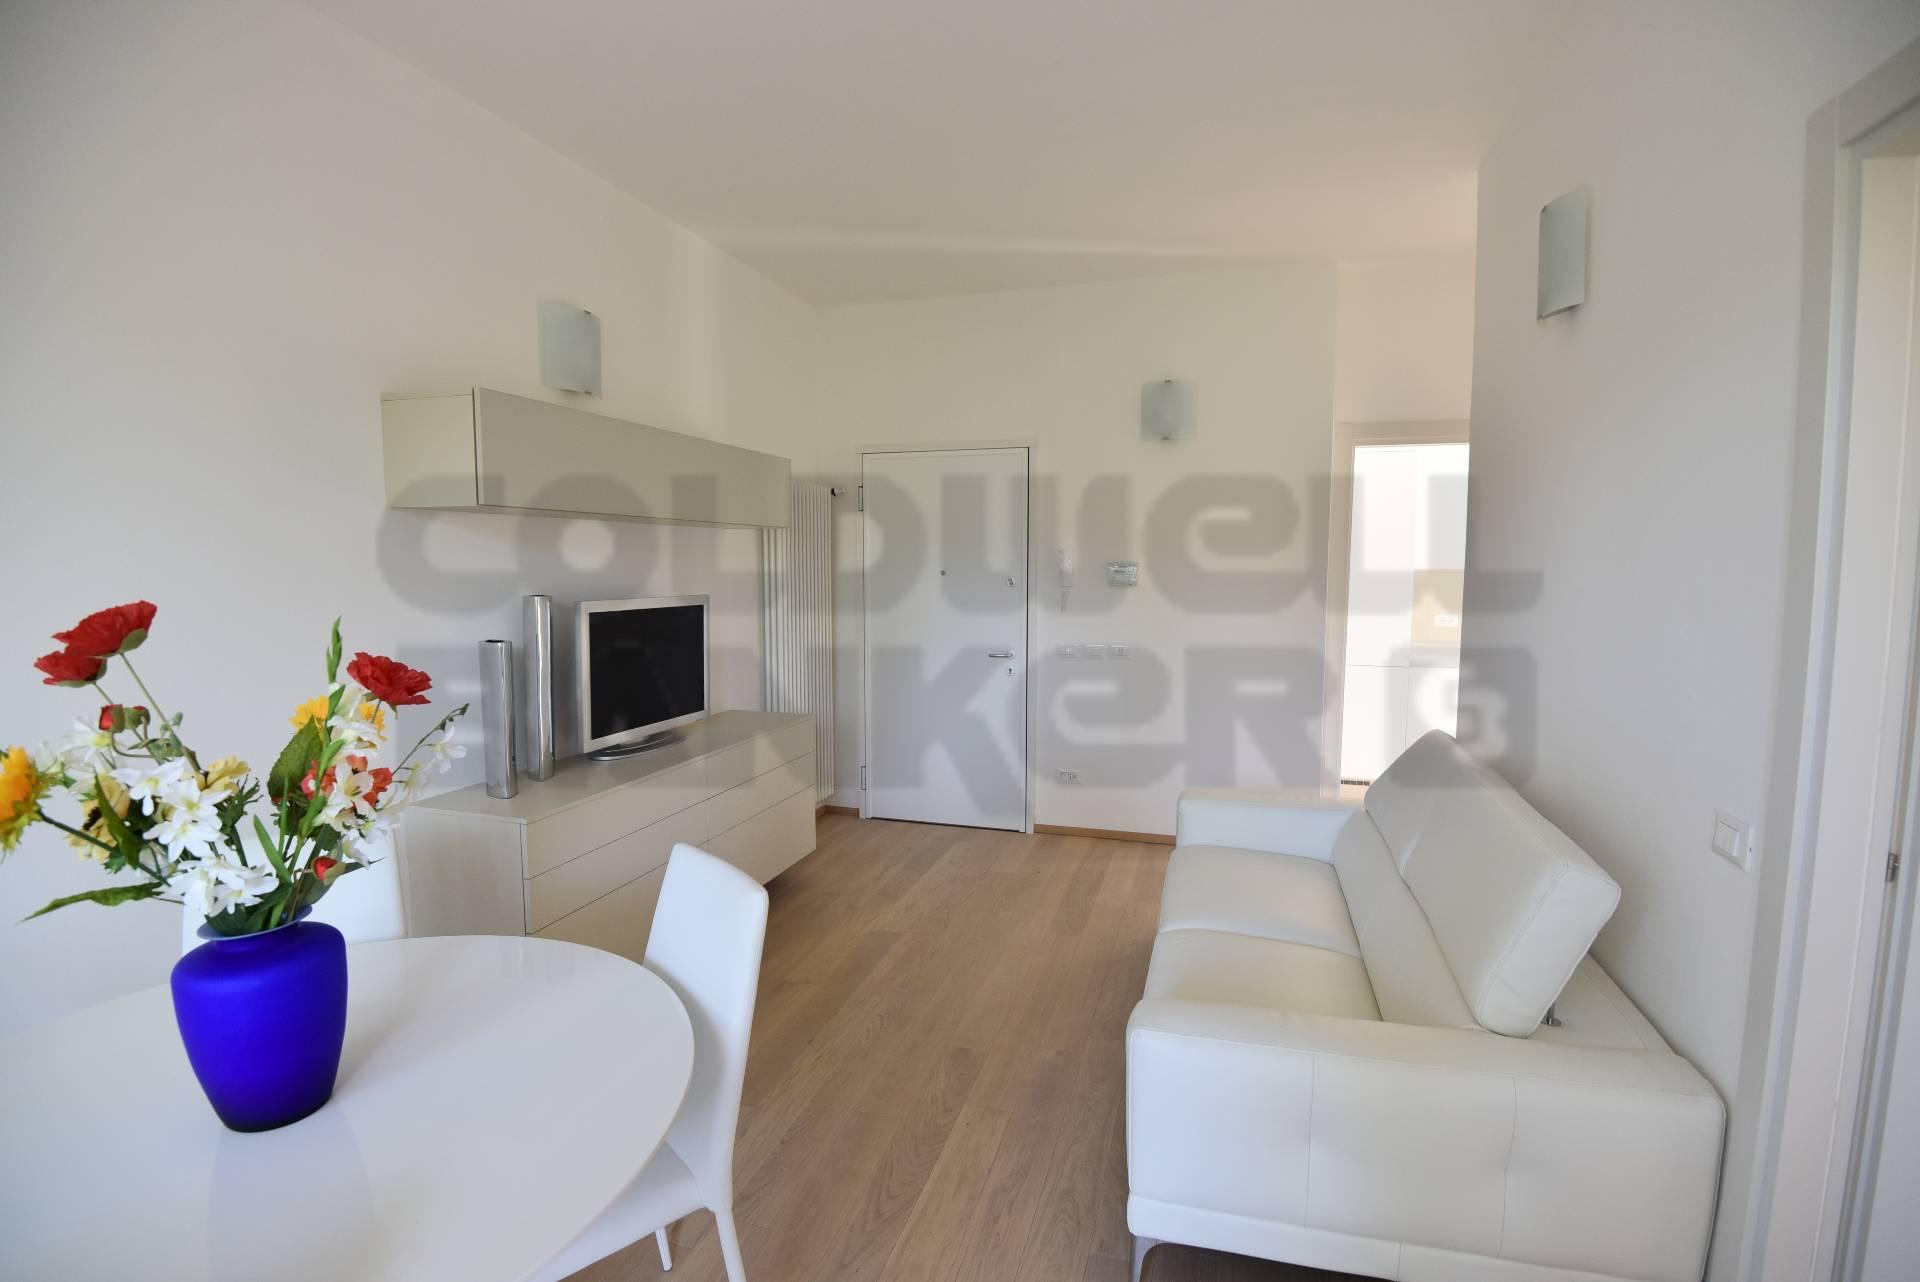 Appartamento in Vendita a Cervia: 4 locali, 73 mq - Foto 2